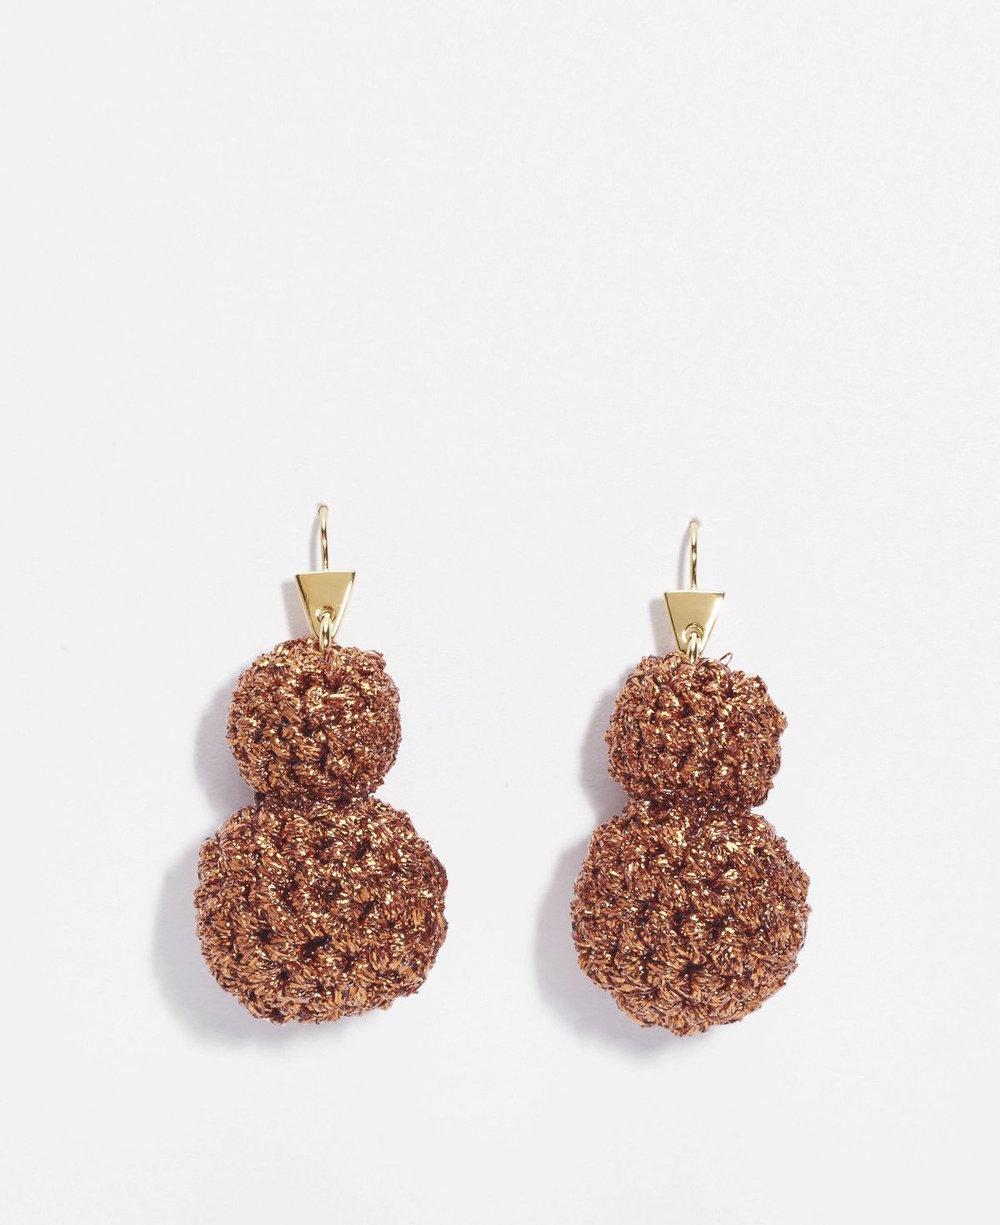 Lucy Folk Rock formation earrings in copper $325